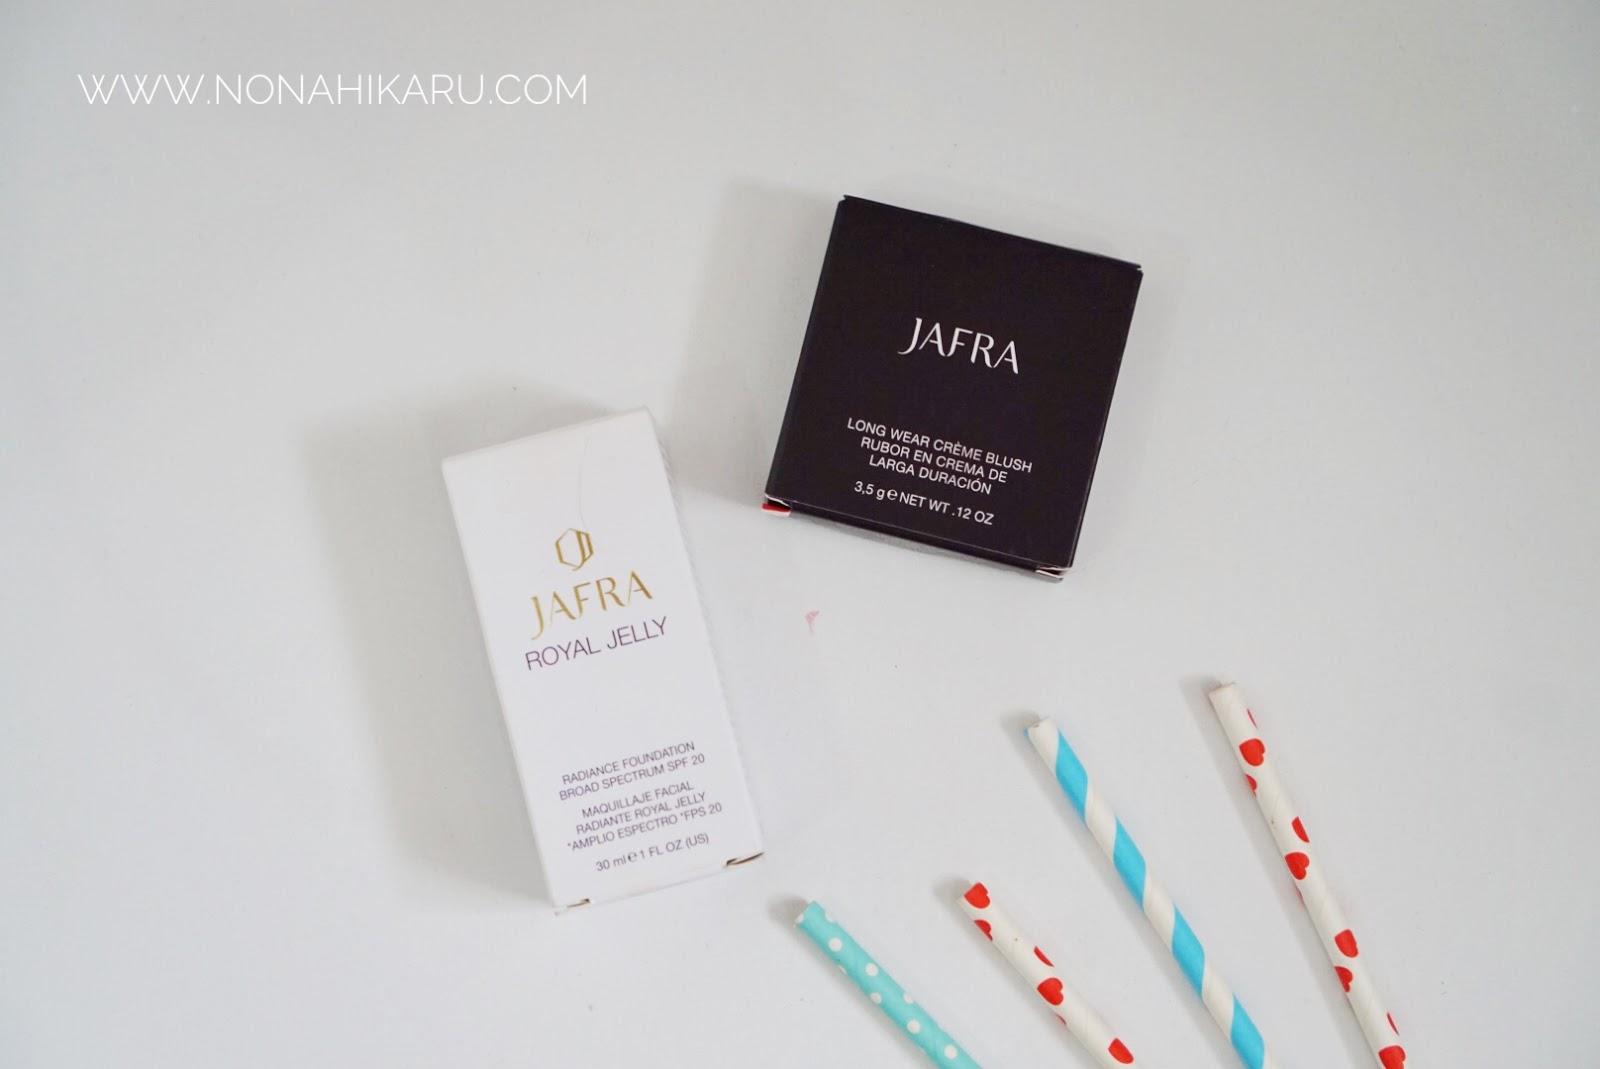 Reviw Jafra Royal Jelly Radiance Foundation Long Wear Creme Blush On Aku Sendiri Udah Pernah Nyobain Mud Mask Nya Dan Kali Ini Diberikan Kesempatan Oleh Elvina Indonesia Buat Nyoba Dua Produk Kosmetiknya